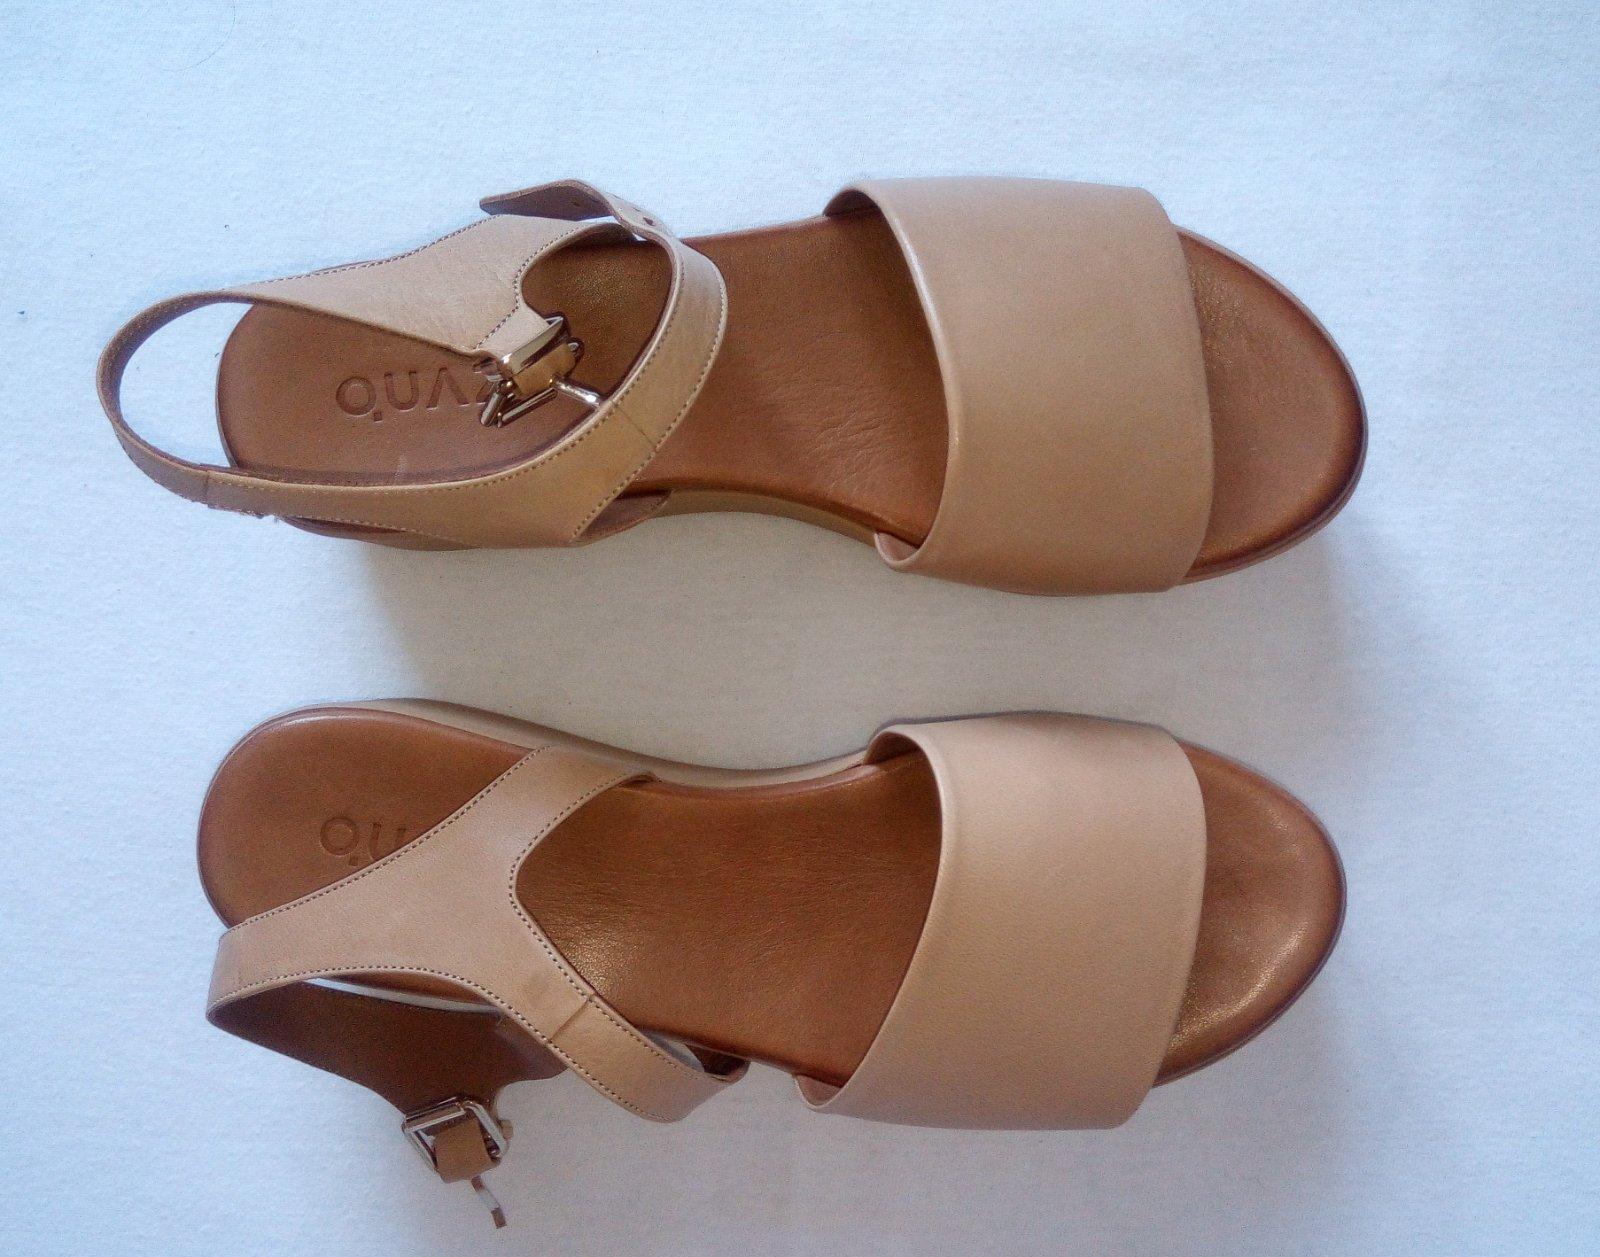 Béžové kožené sandále 38 - Obrázok č. 1